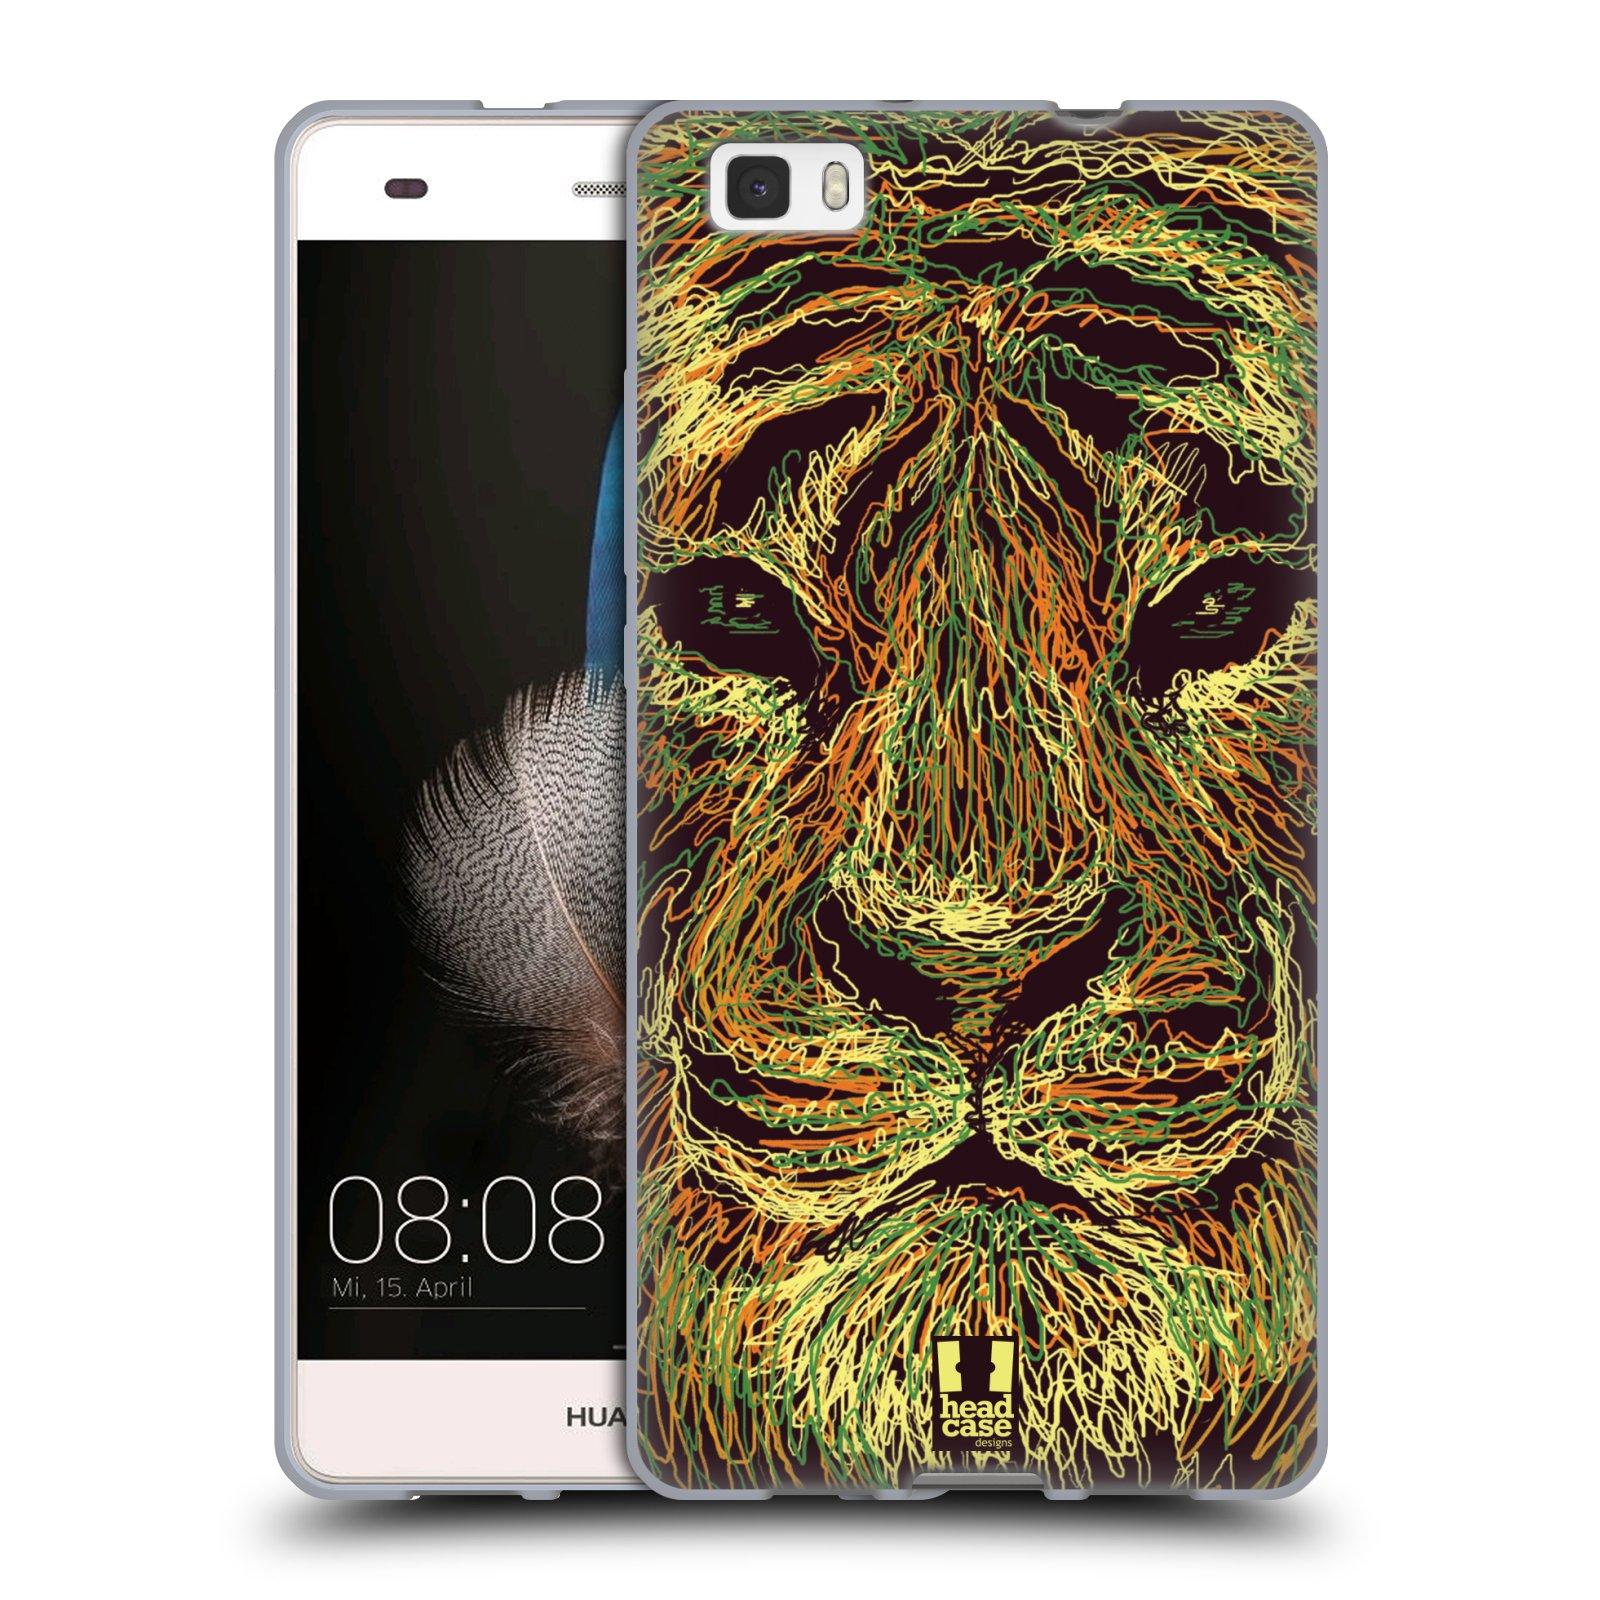 HEAD CASE silikonový obal na mobil HUAWEI P8 LITE vzor zvíře čmáranice tygr